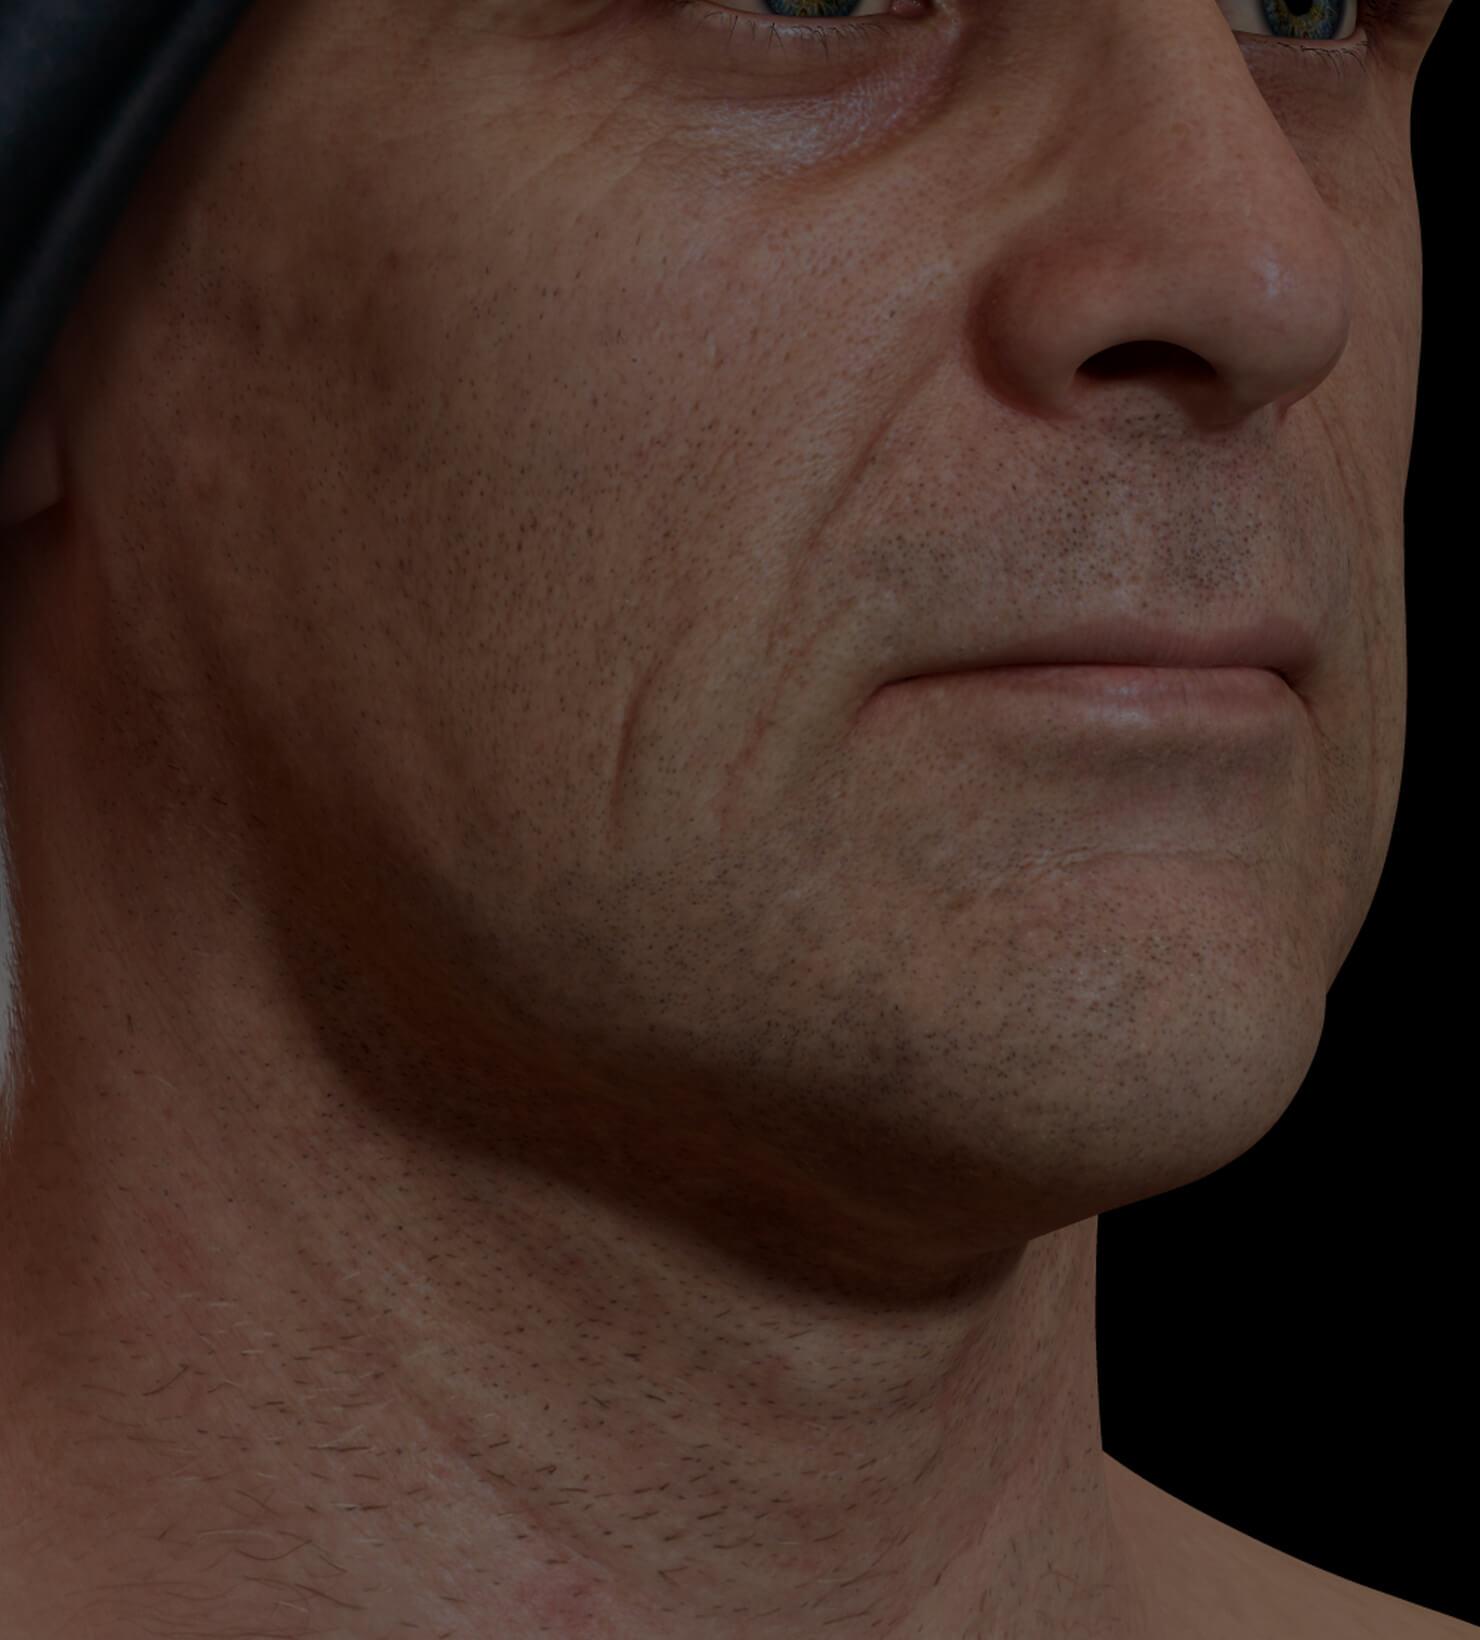 Patient de la Clinique Chloé présentant des rides et ridules sur le visage traité avec le Profound RF